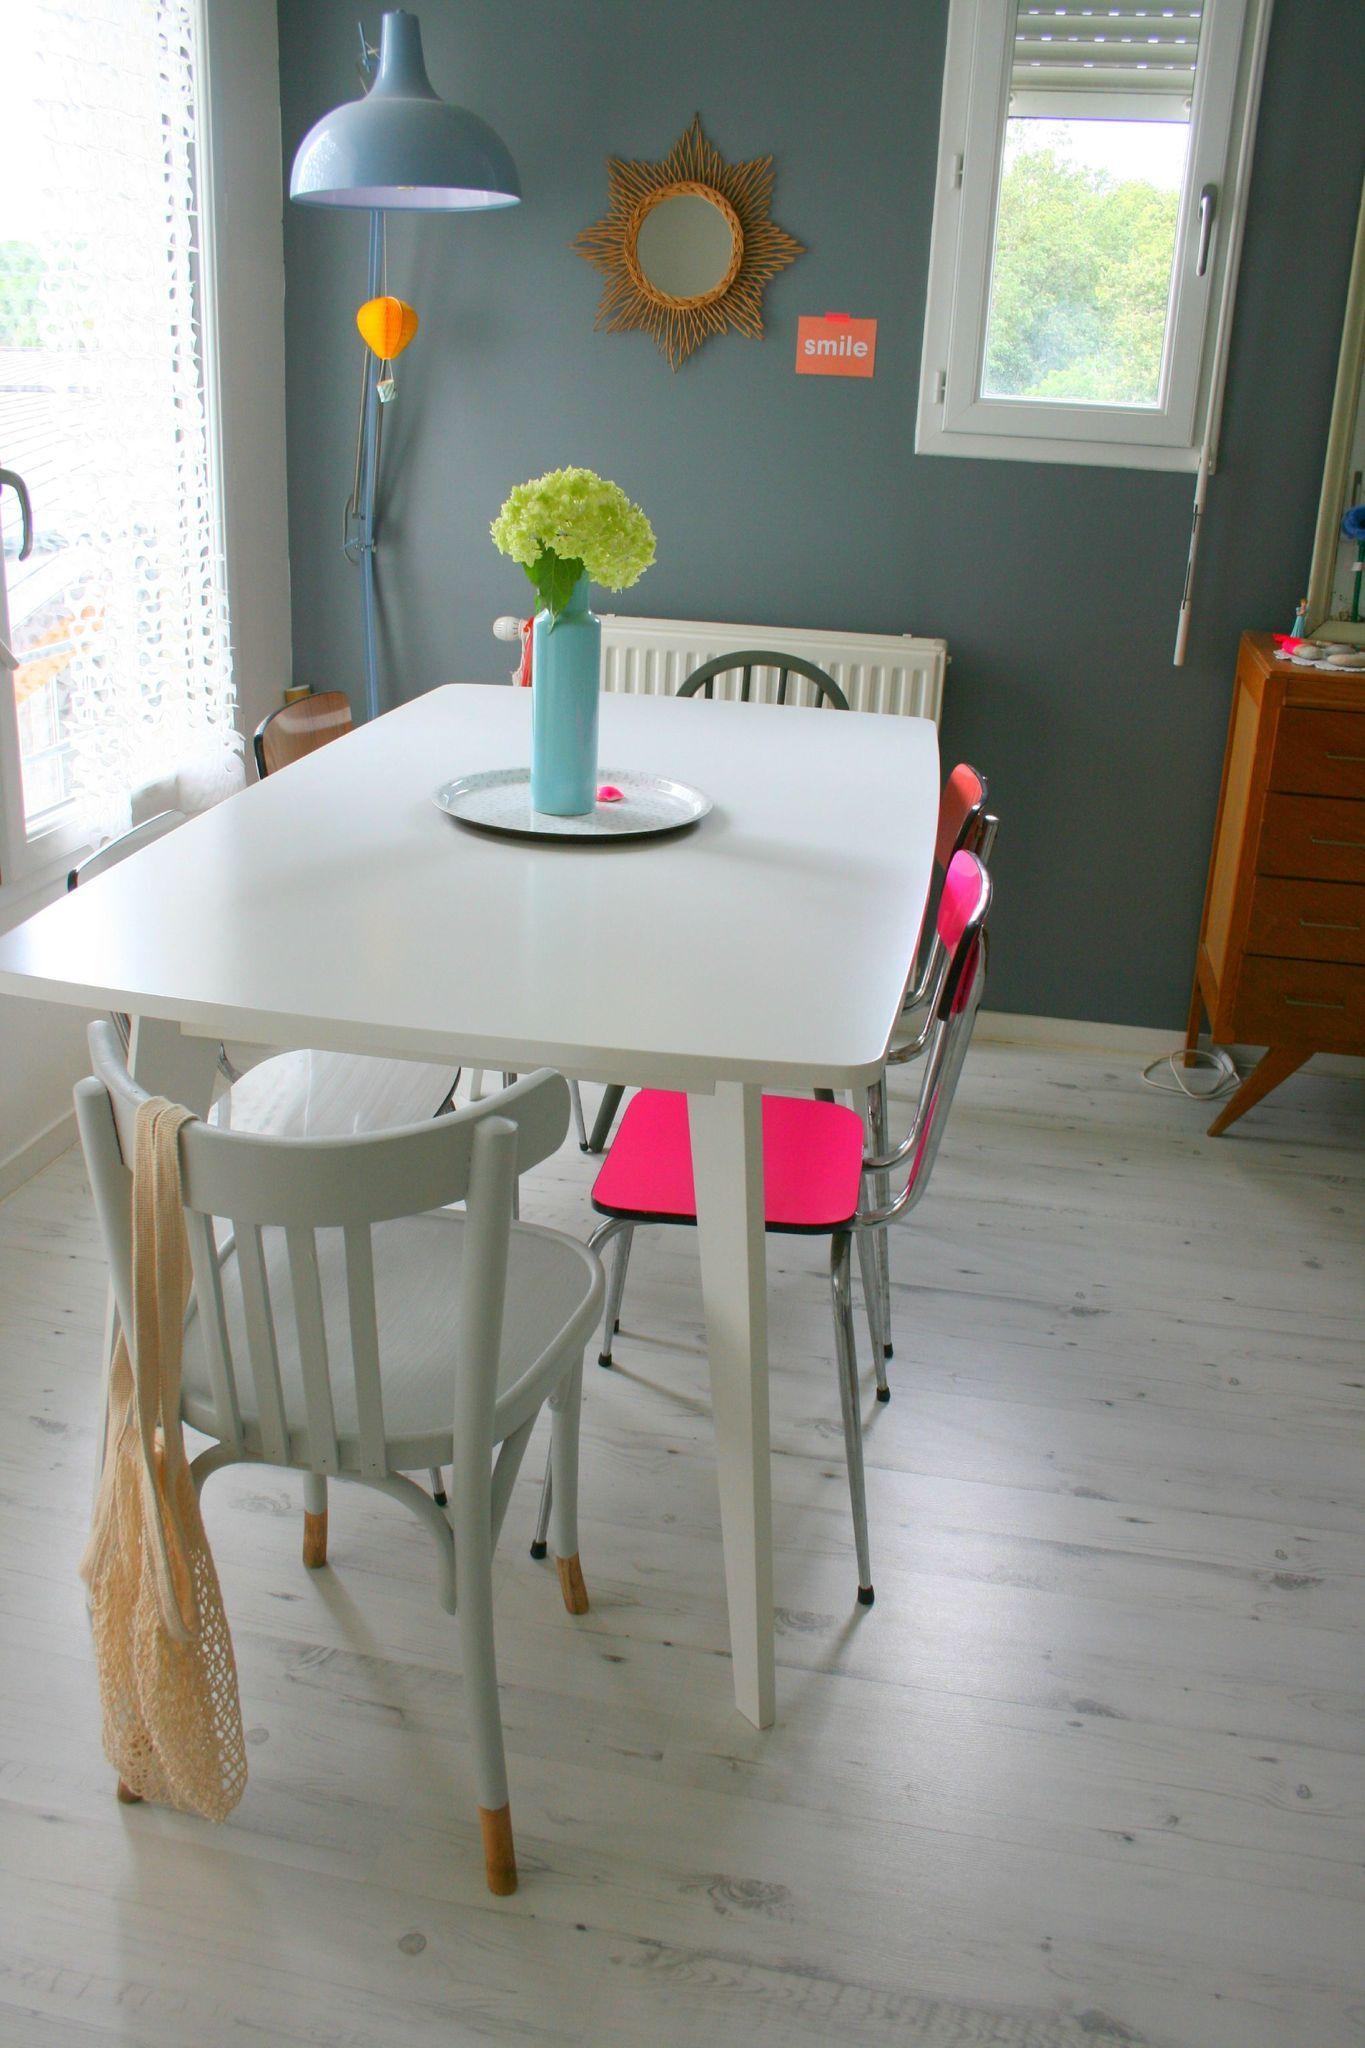 Gris lunaire belle couleur fluo et dans la cuisine for Chaise cuisine couleur